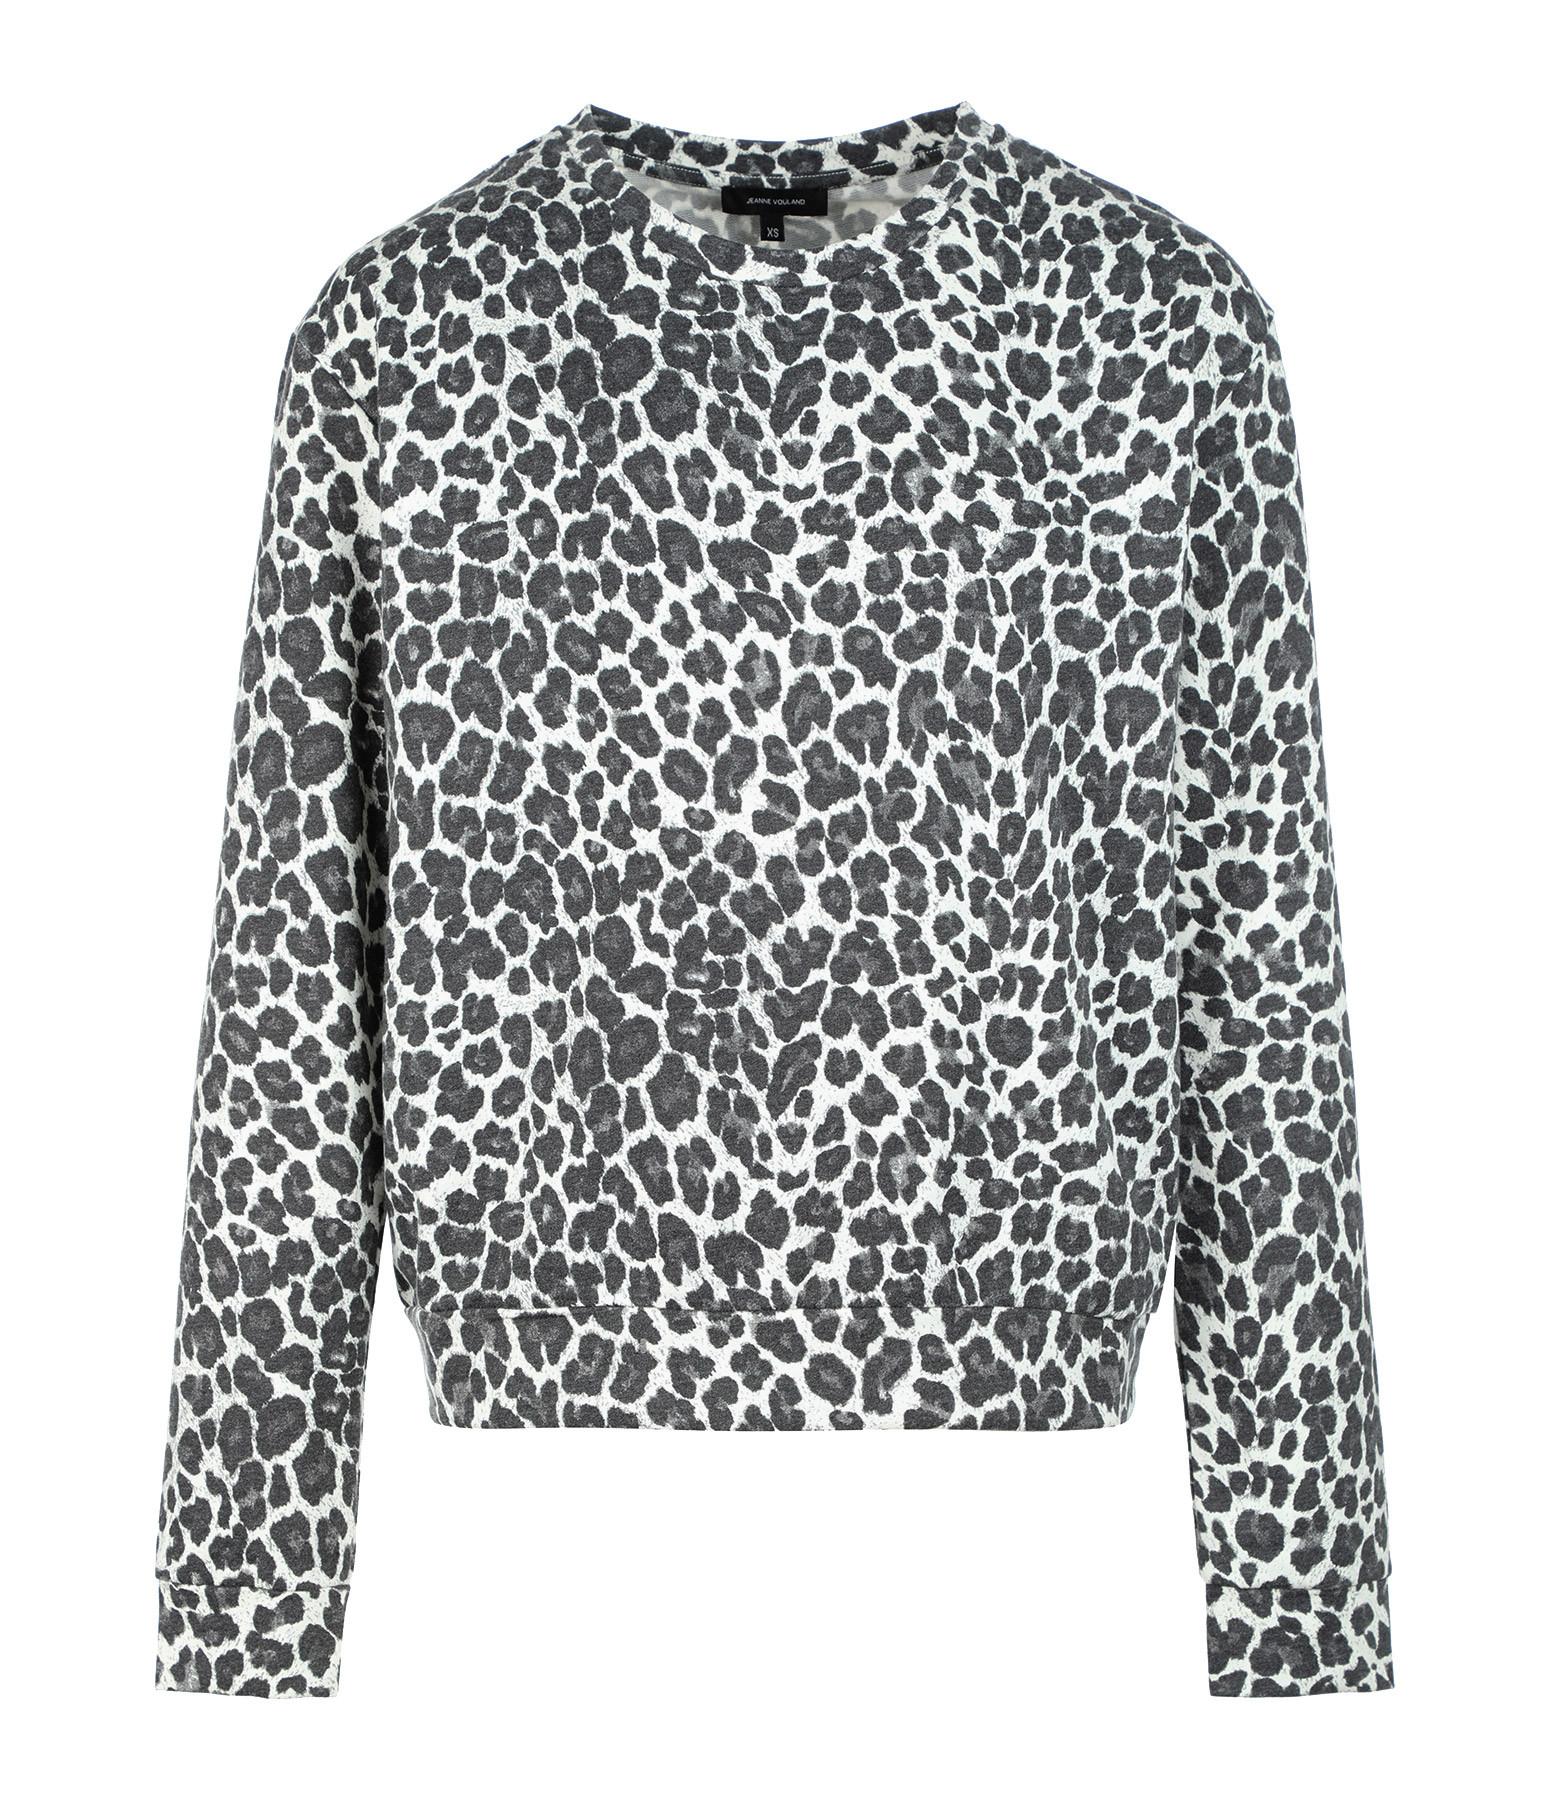 JEANNE VOULAND - Sweatshirt Molleton Imprimé Léopard Gris